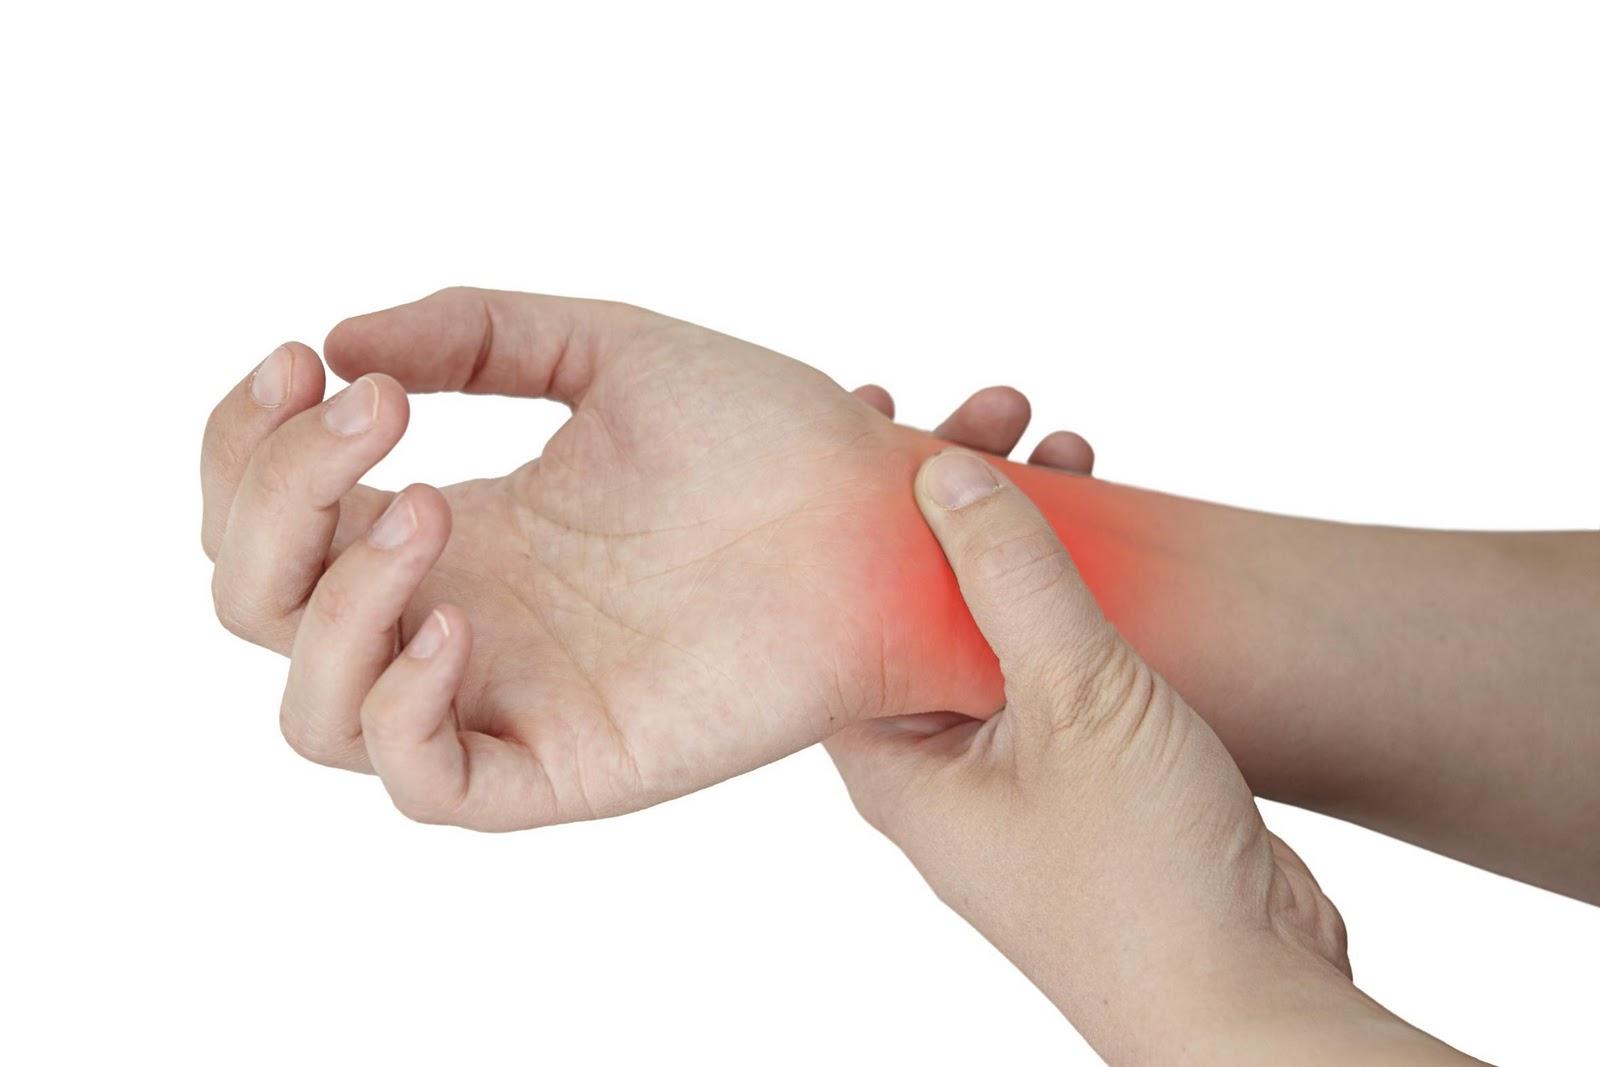 Sindrome-del-tunnel-carpale trattamento shiatsu bra cuneo torino cure rimedi naturali .jpg